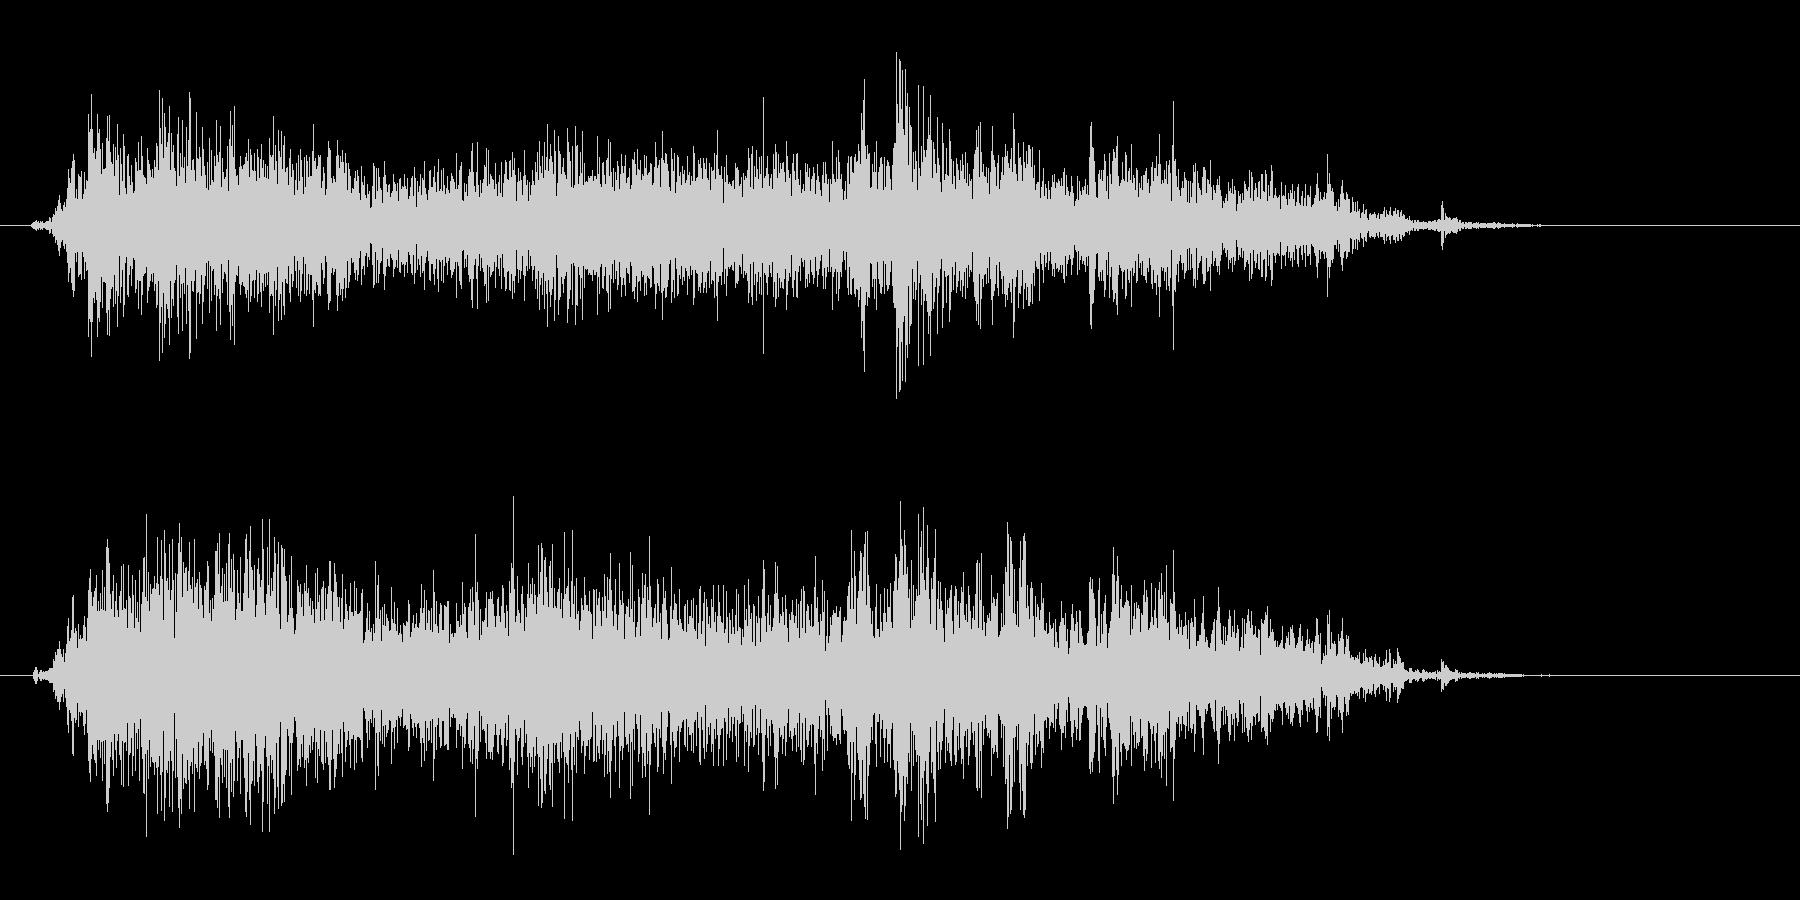 カサァという紙を擦る音の未再生の波形